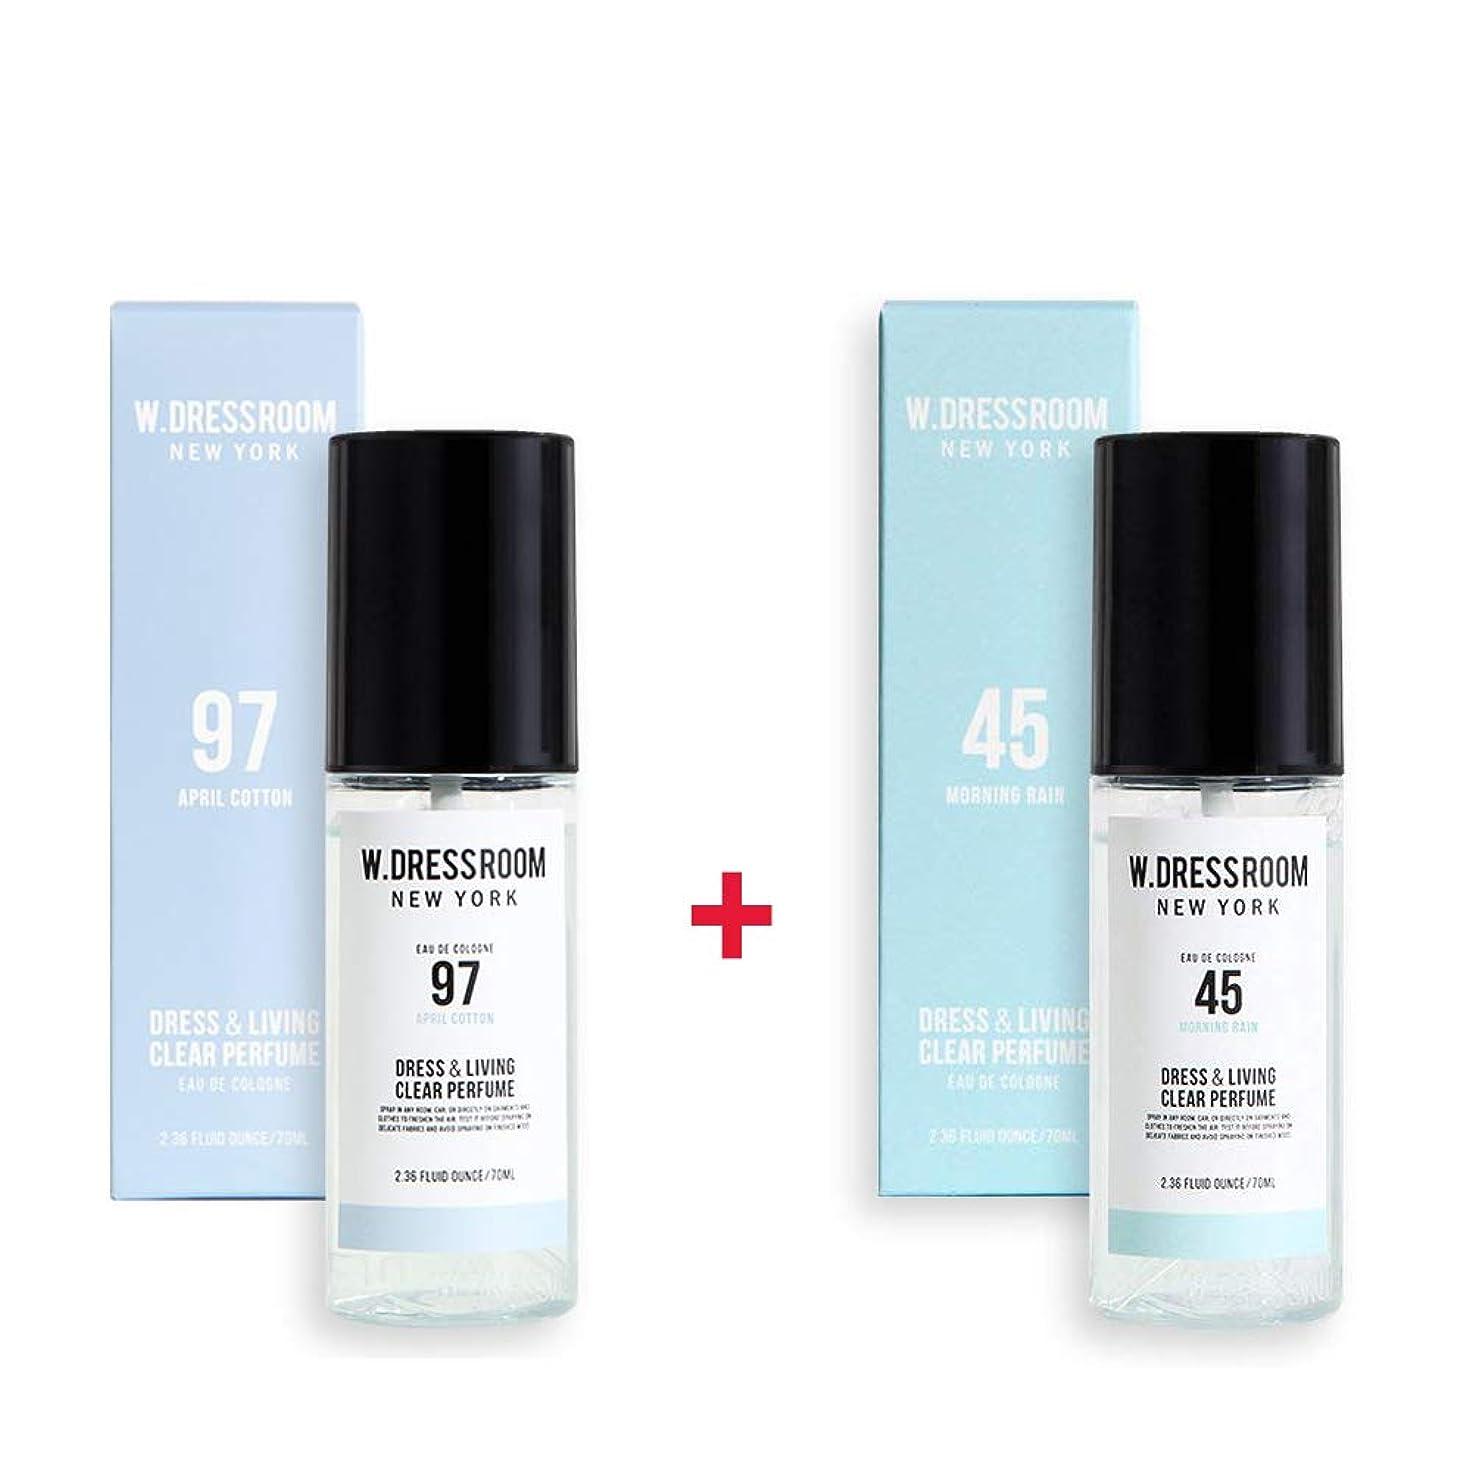 バッグクレアメイトW.DRESSROOM Dress & Living Clear Perfume 70ml (No 97 April Cotton)+(No 45 Morning Rain)